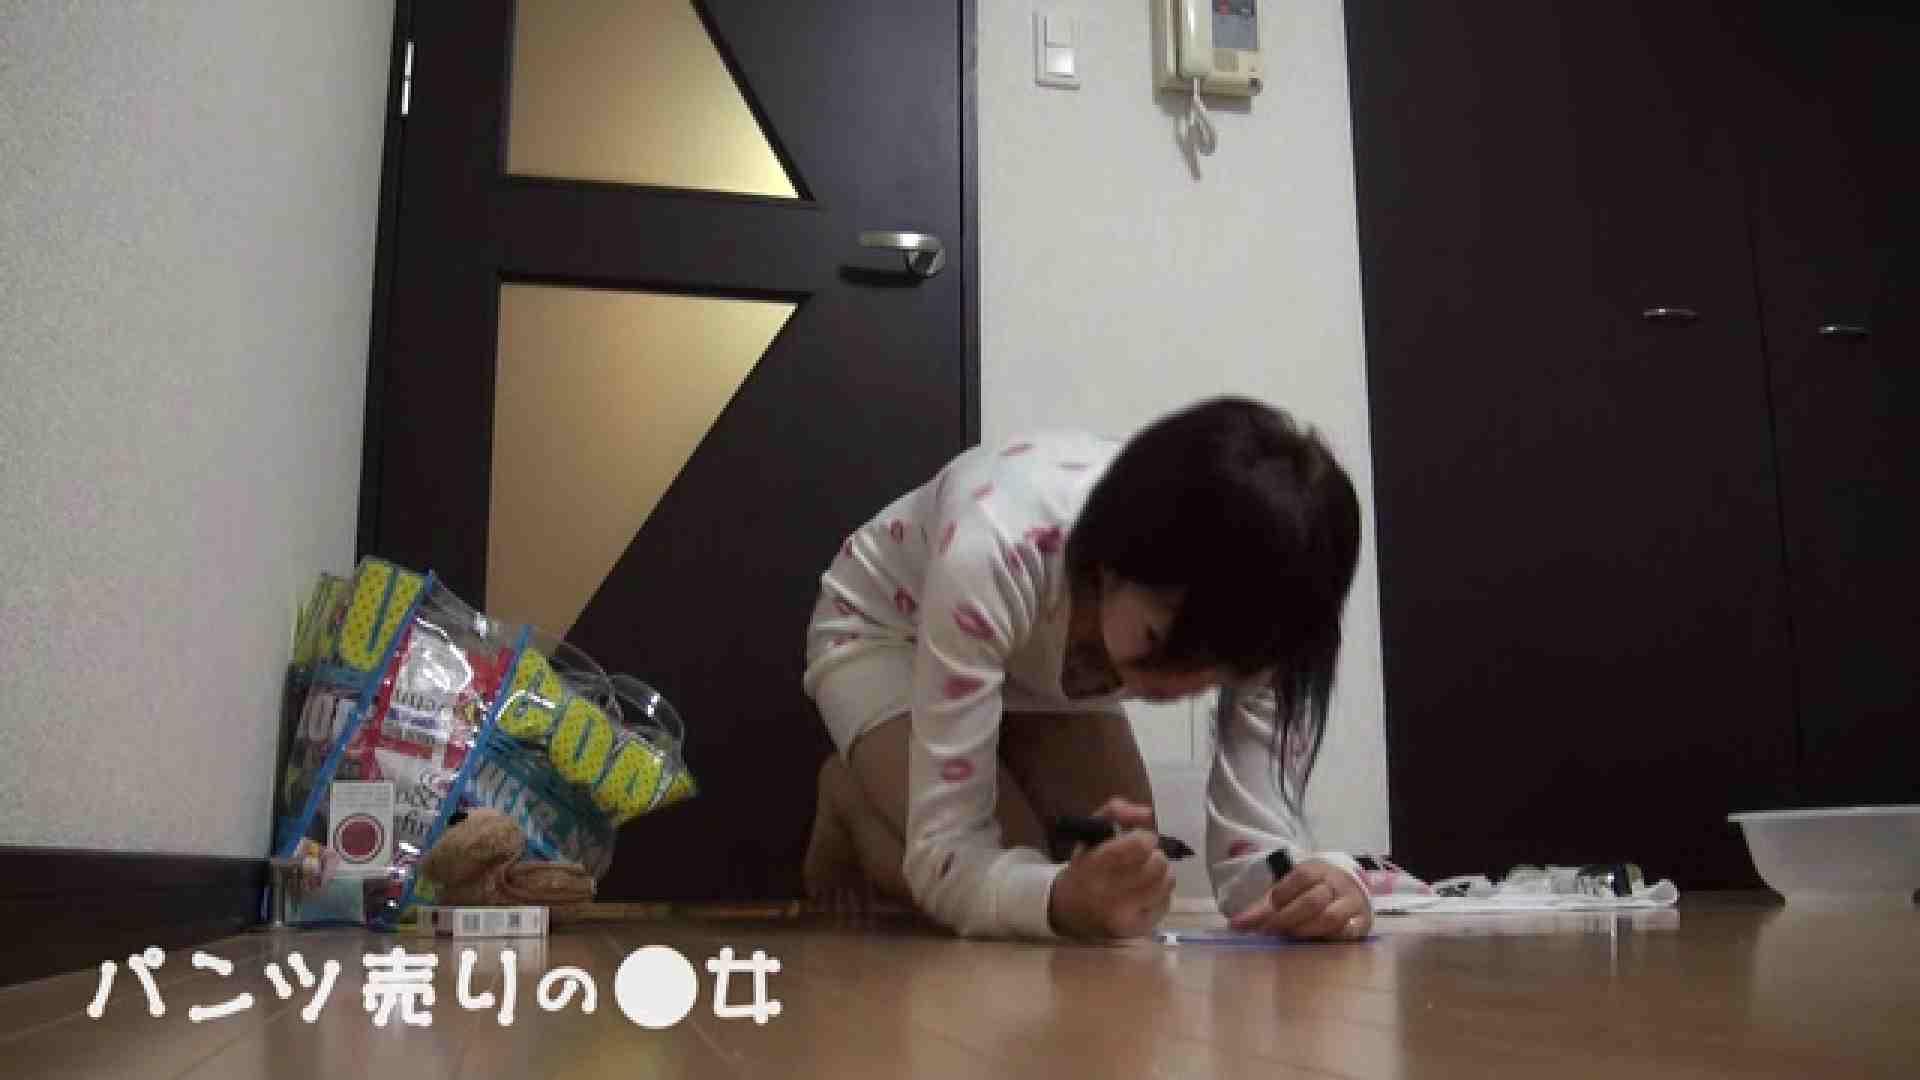 新説 パンツ売りの女の子nana 一般投稿  41連発 39